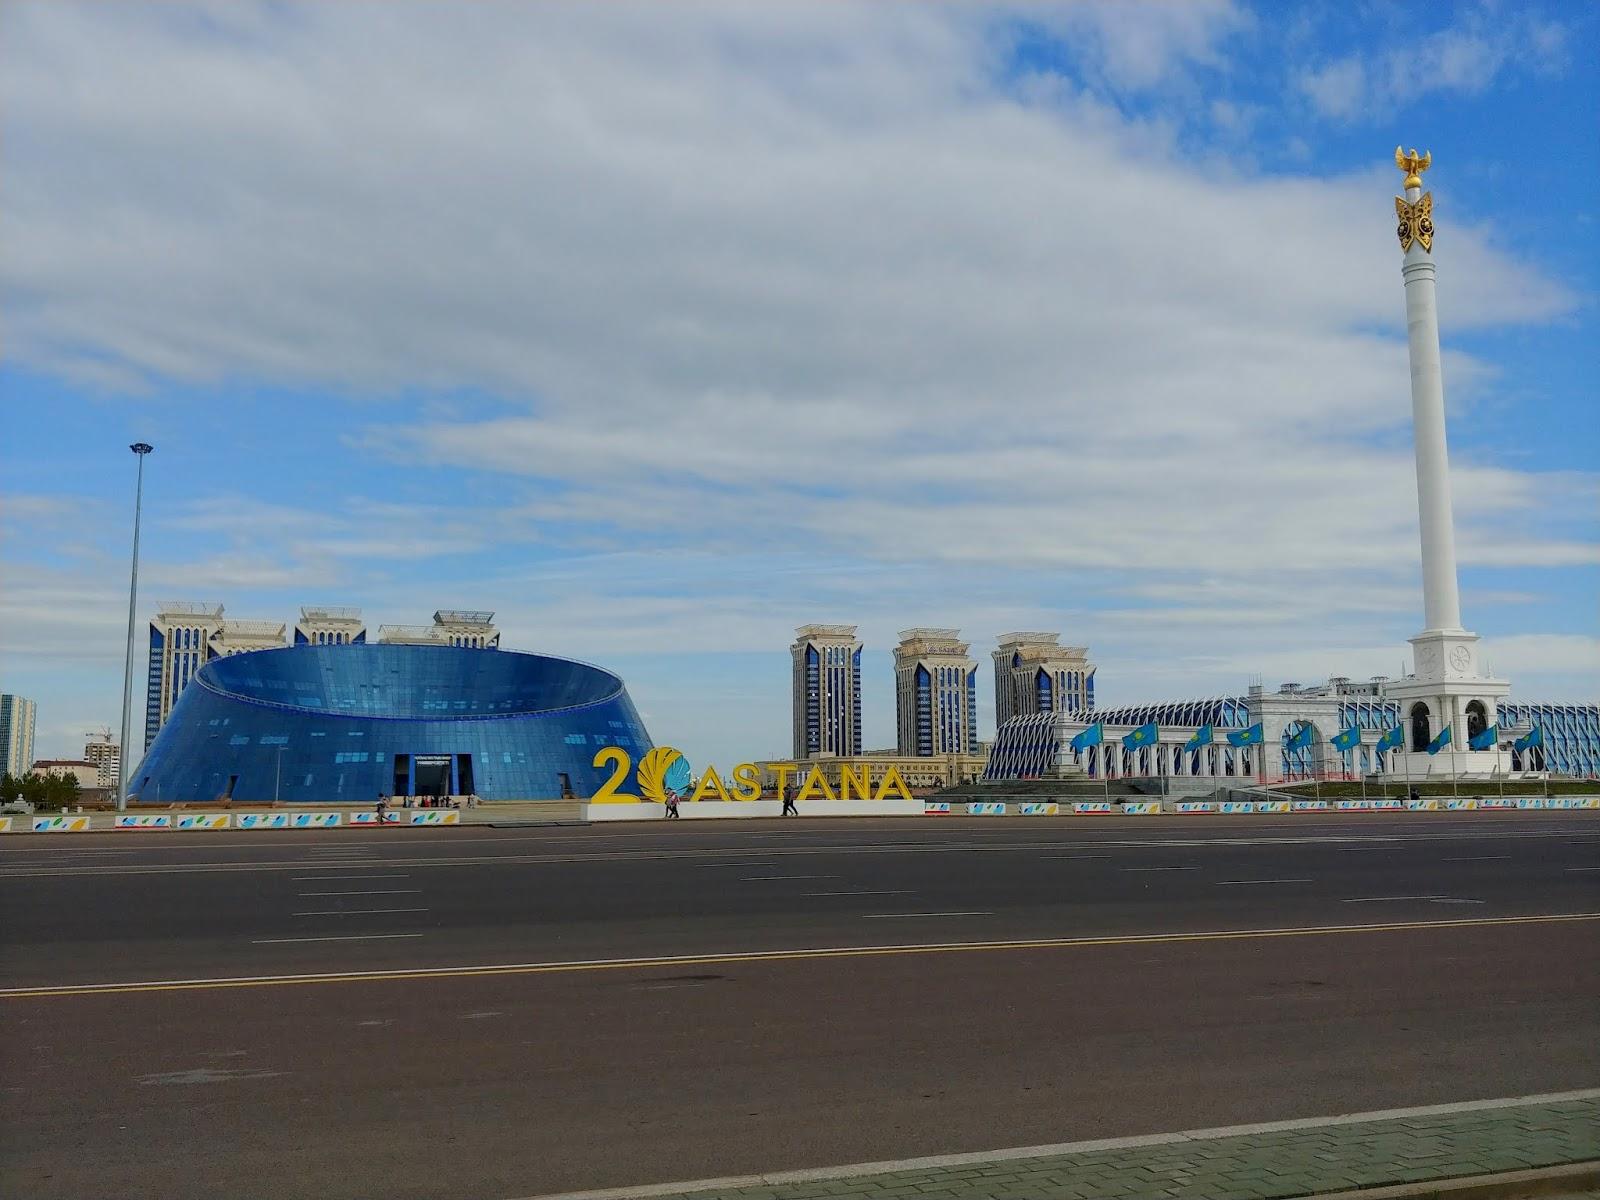 Astana budynki